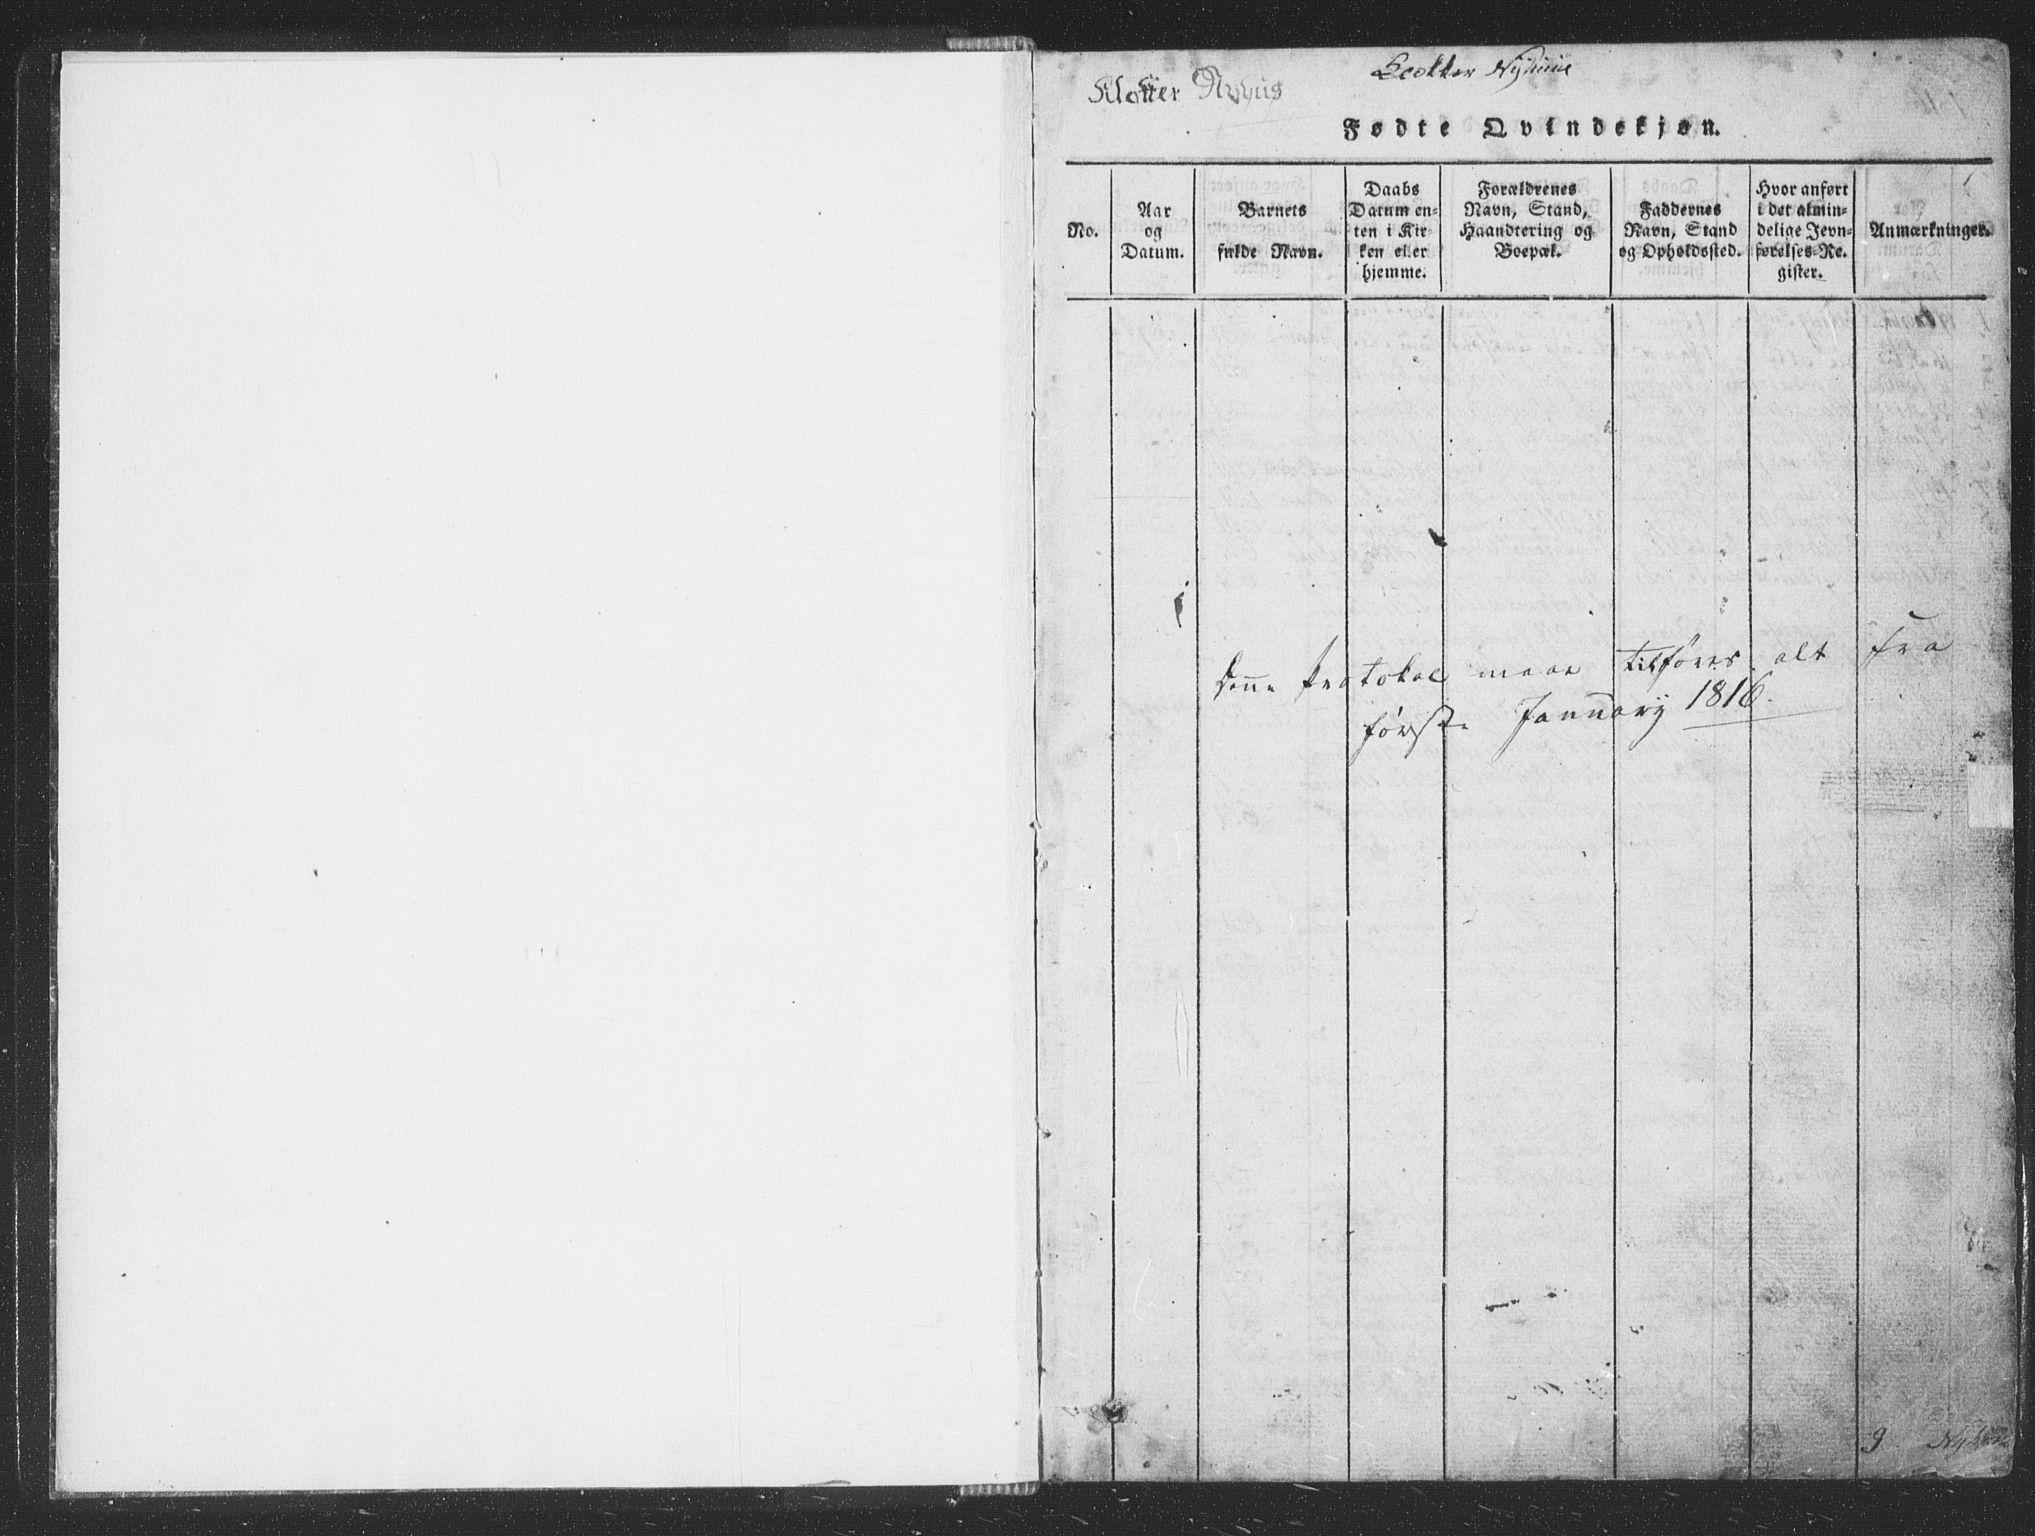 SAT, Ministerialprotokoller, klokkerbøker og fødselsregistre - Sør-Trøndelag, 668/L0816: Klokkerbok nr. 668C05, 1816-1893, s. 0-1